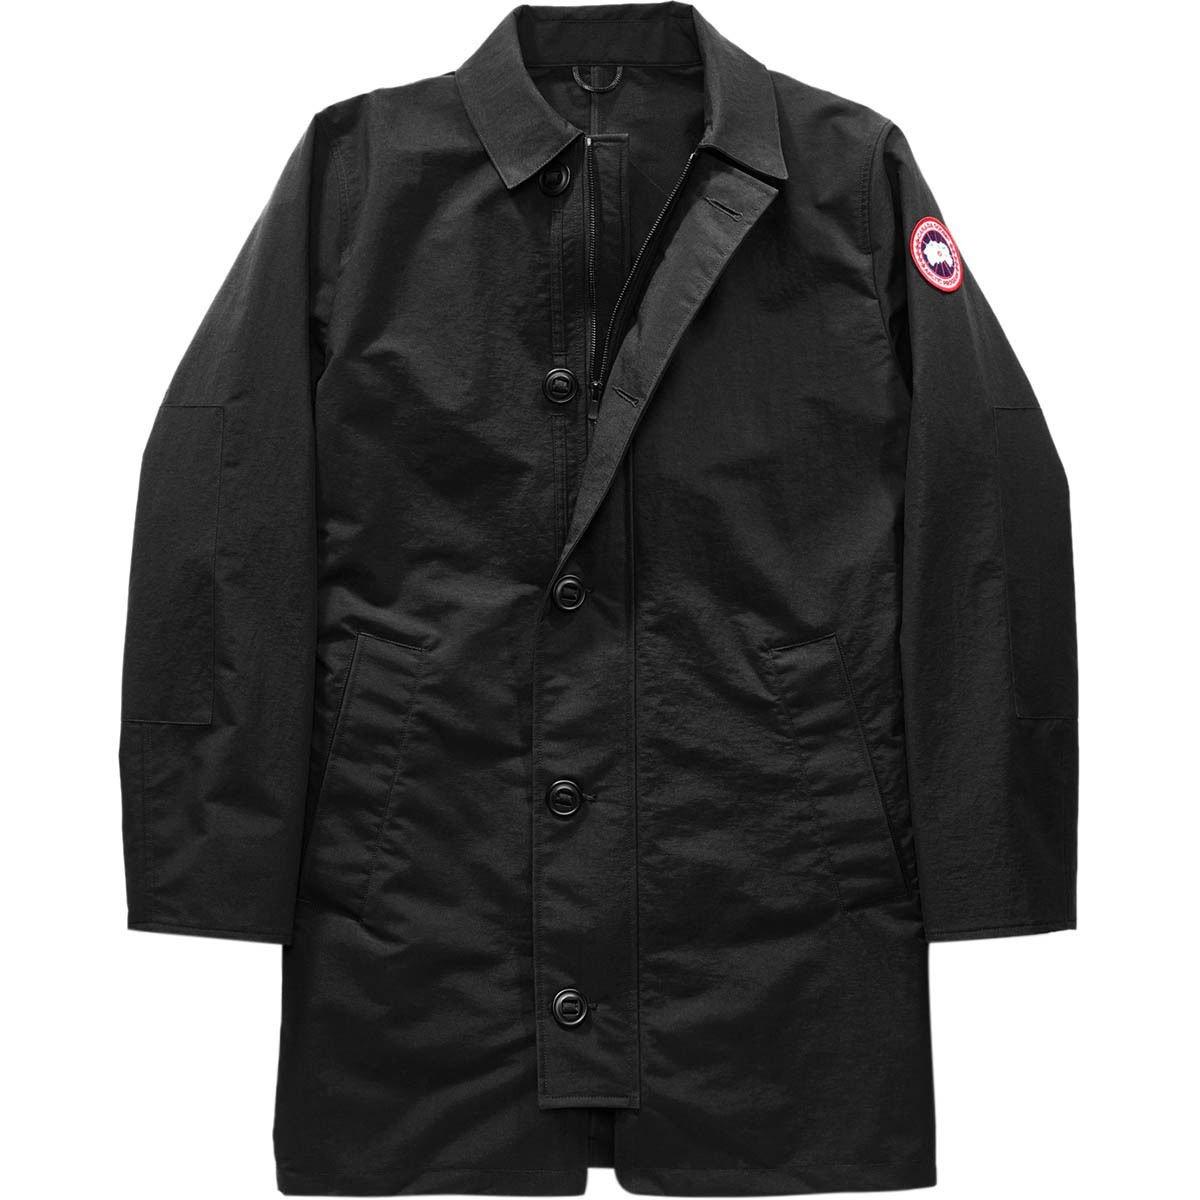 (カナダグース)Canada Goose Wainwright Coat メンズ ジャケットBlack [並行輸入品] B0797MZ9BS 日本サイズ LL (US L)|Black Black 日本サイズ LL (US L)